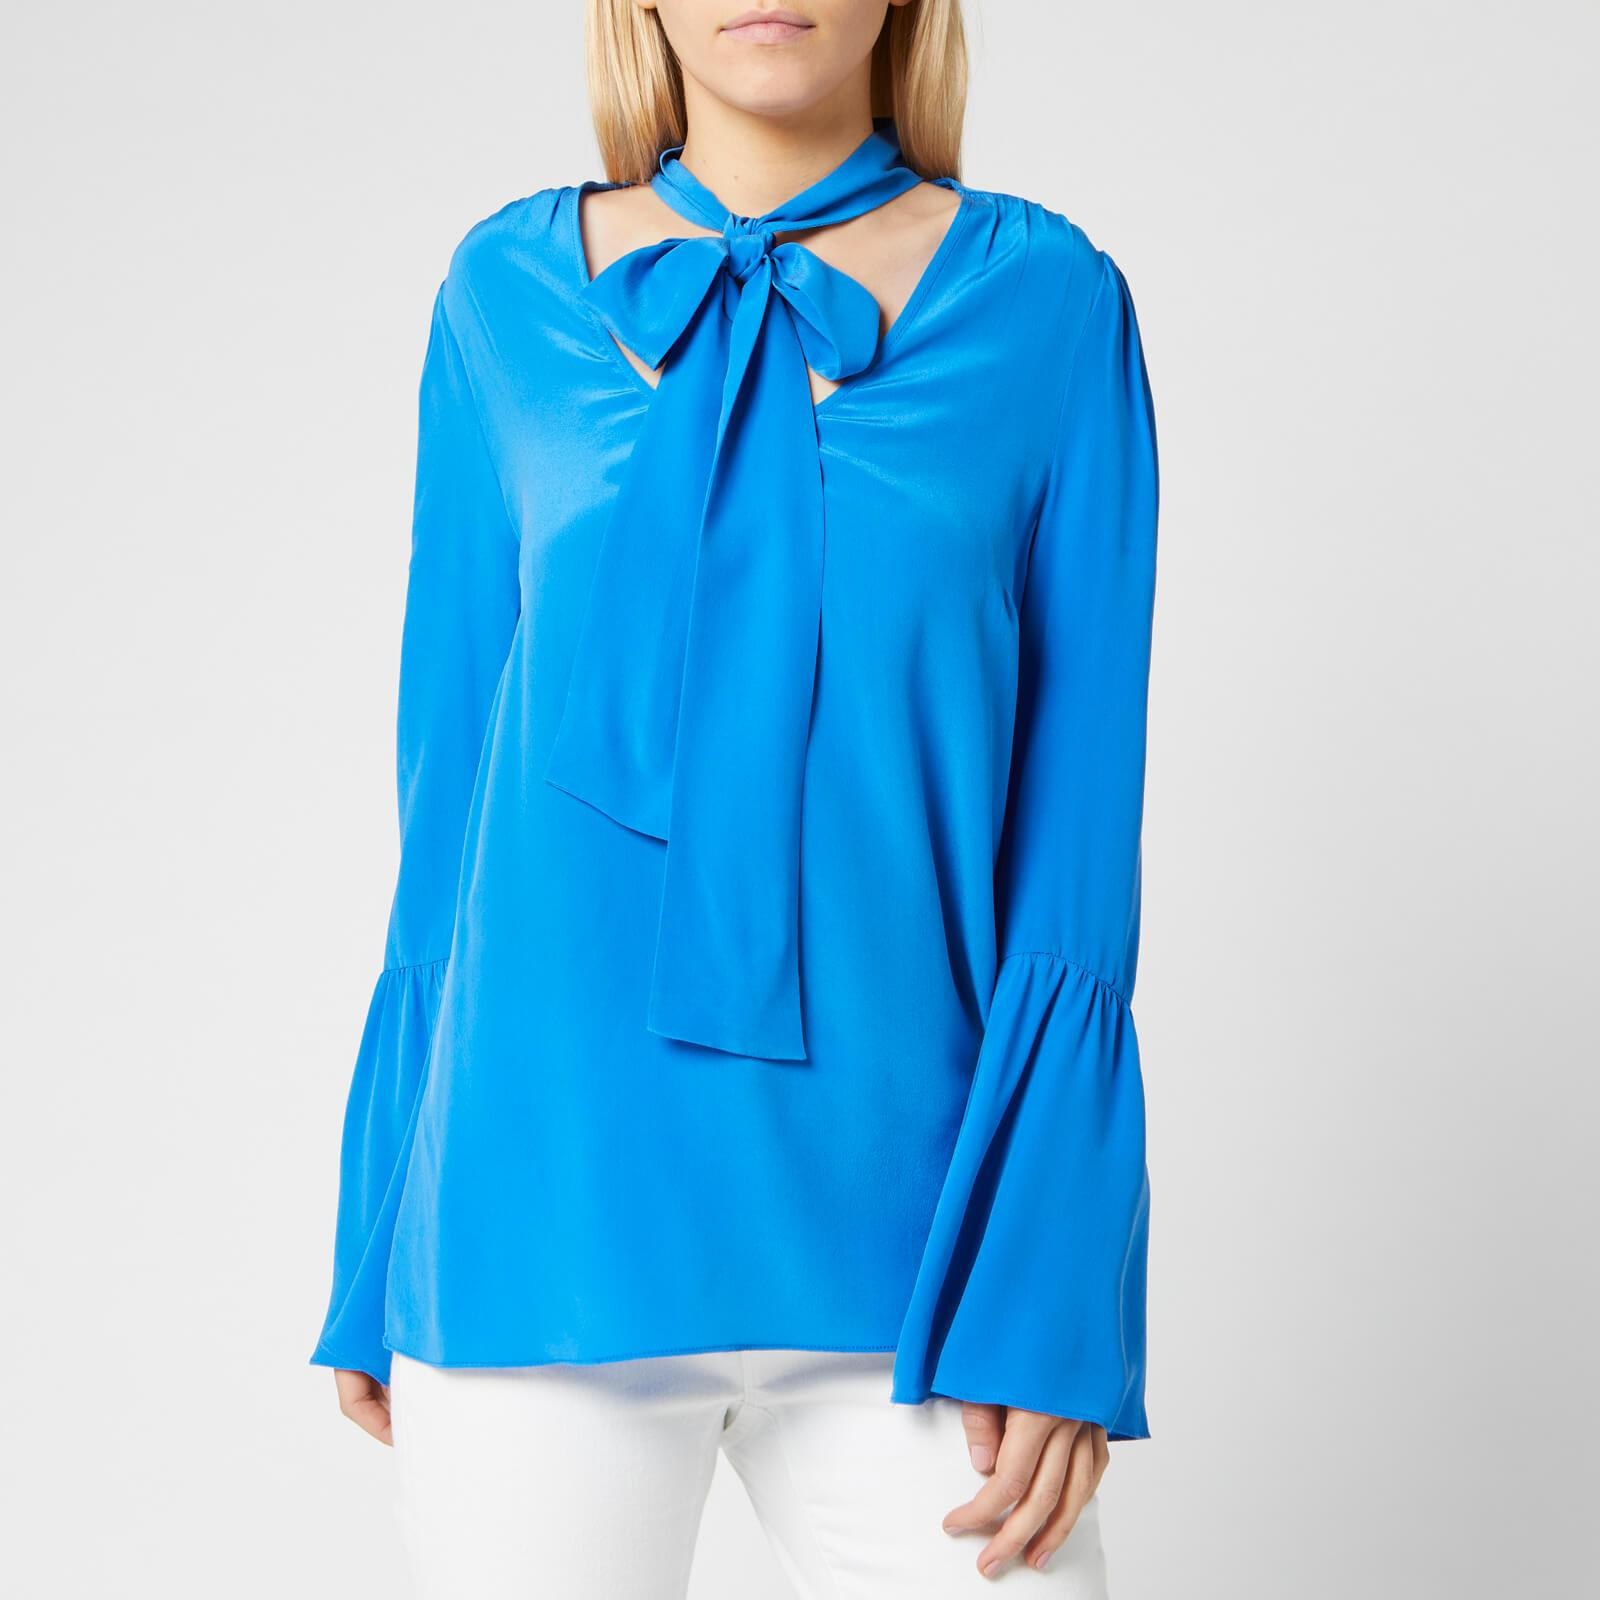 MICHAEL MICHAEL KORS Women's Bell Sleeve Silk Top - Grecian Blue - M - Blue